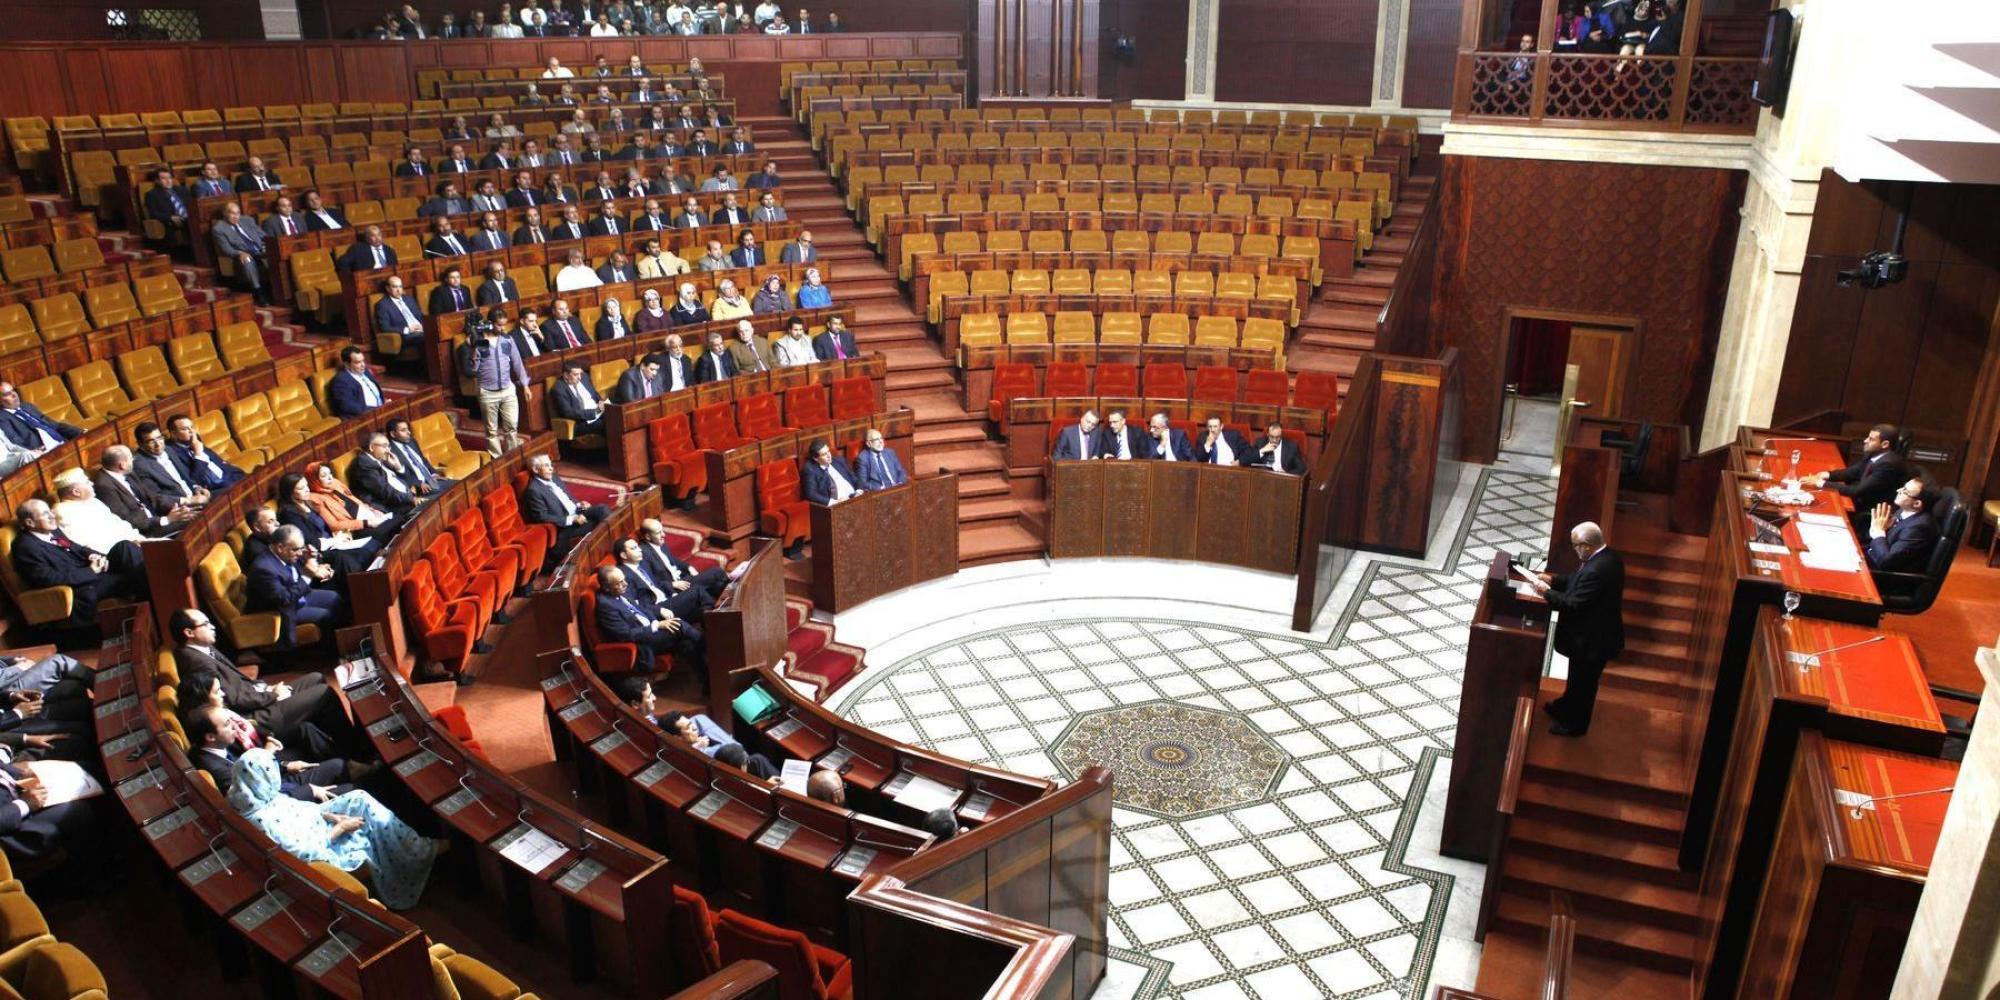 Le projet de loi de finances 2017 adopt en conseil de - Cabinet de conseil en strategie maroc ...